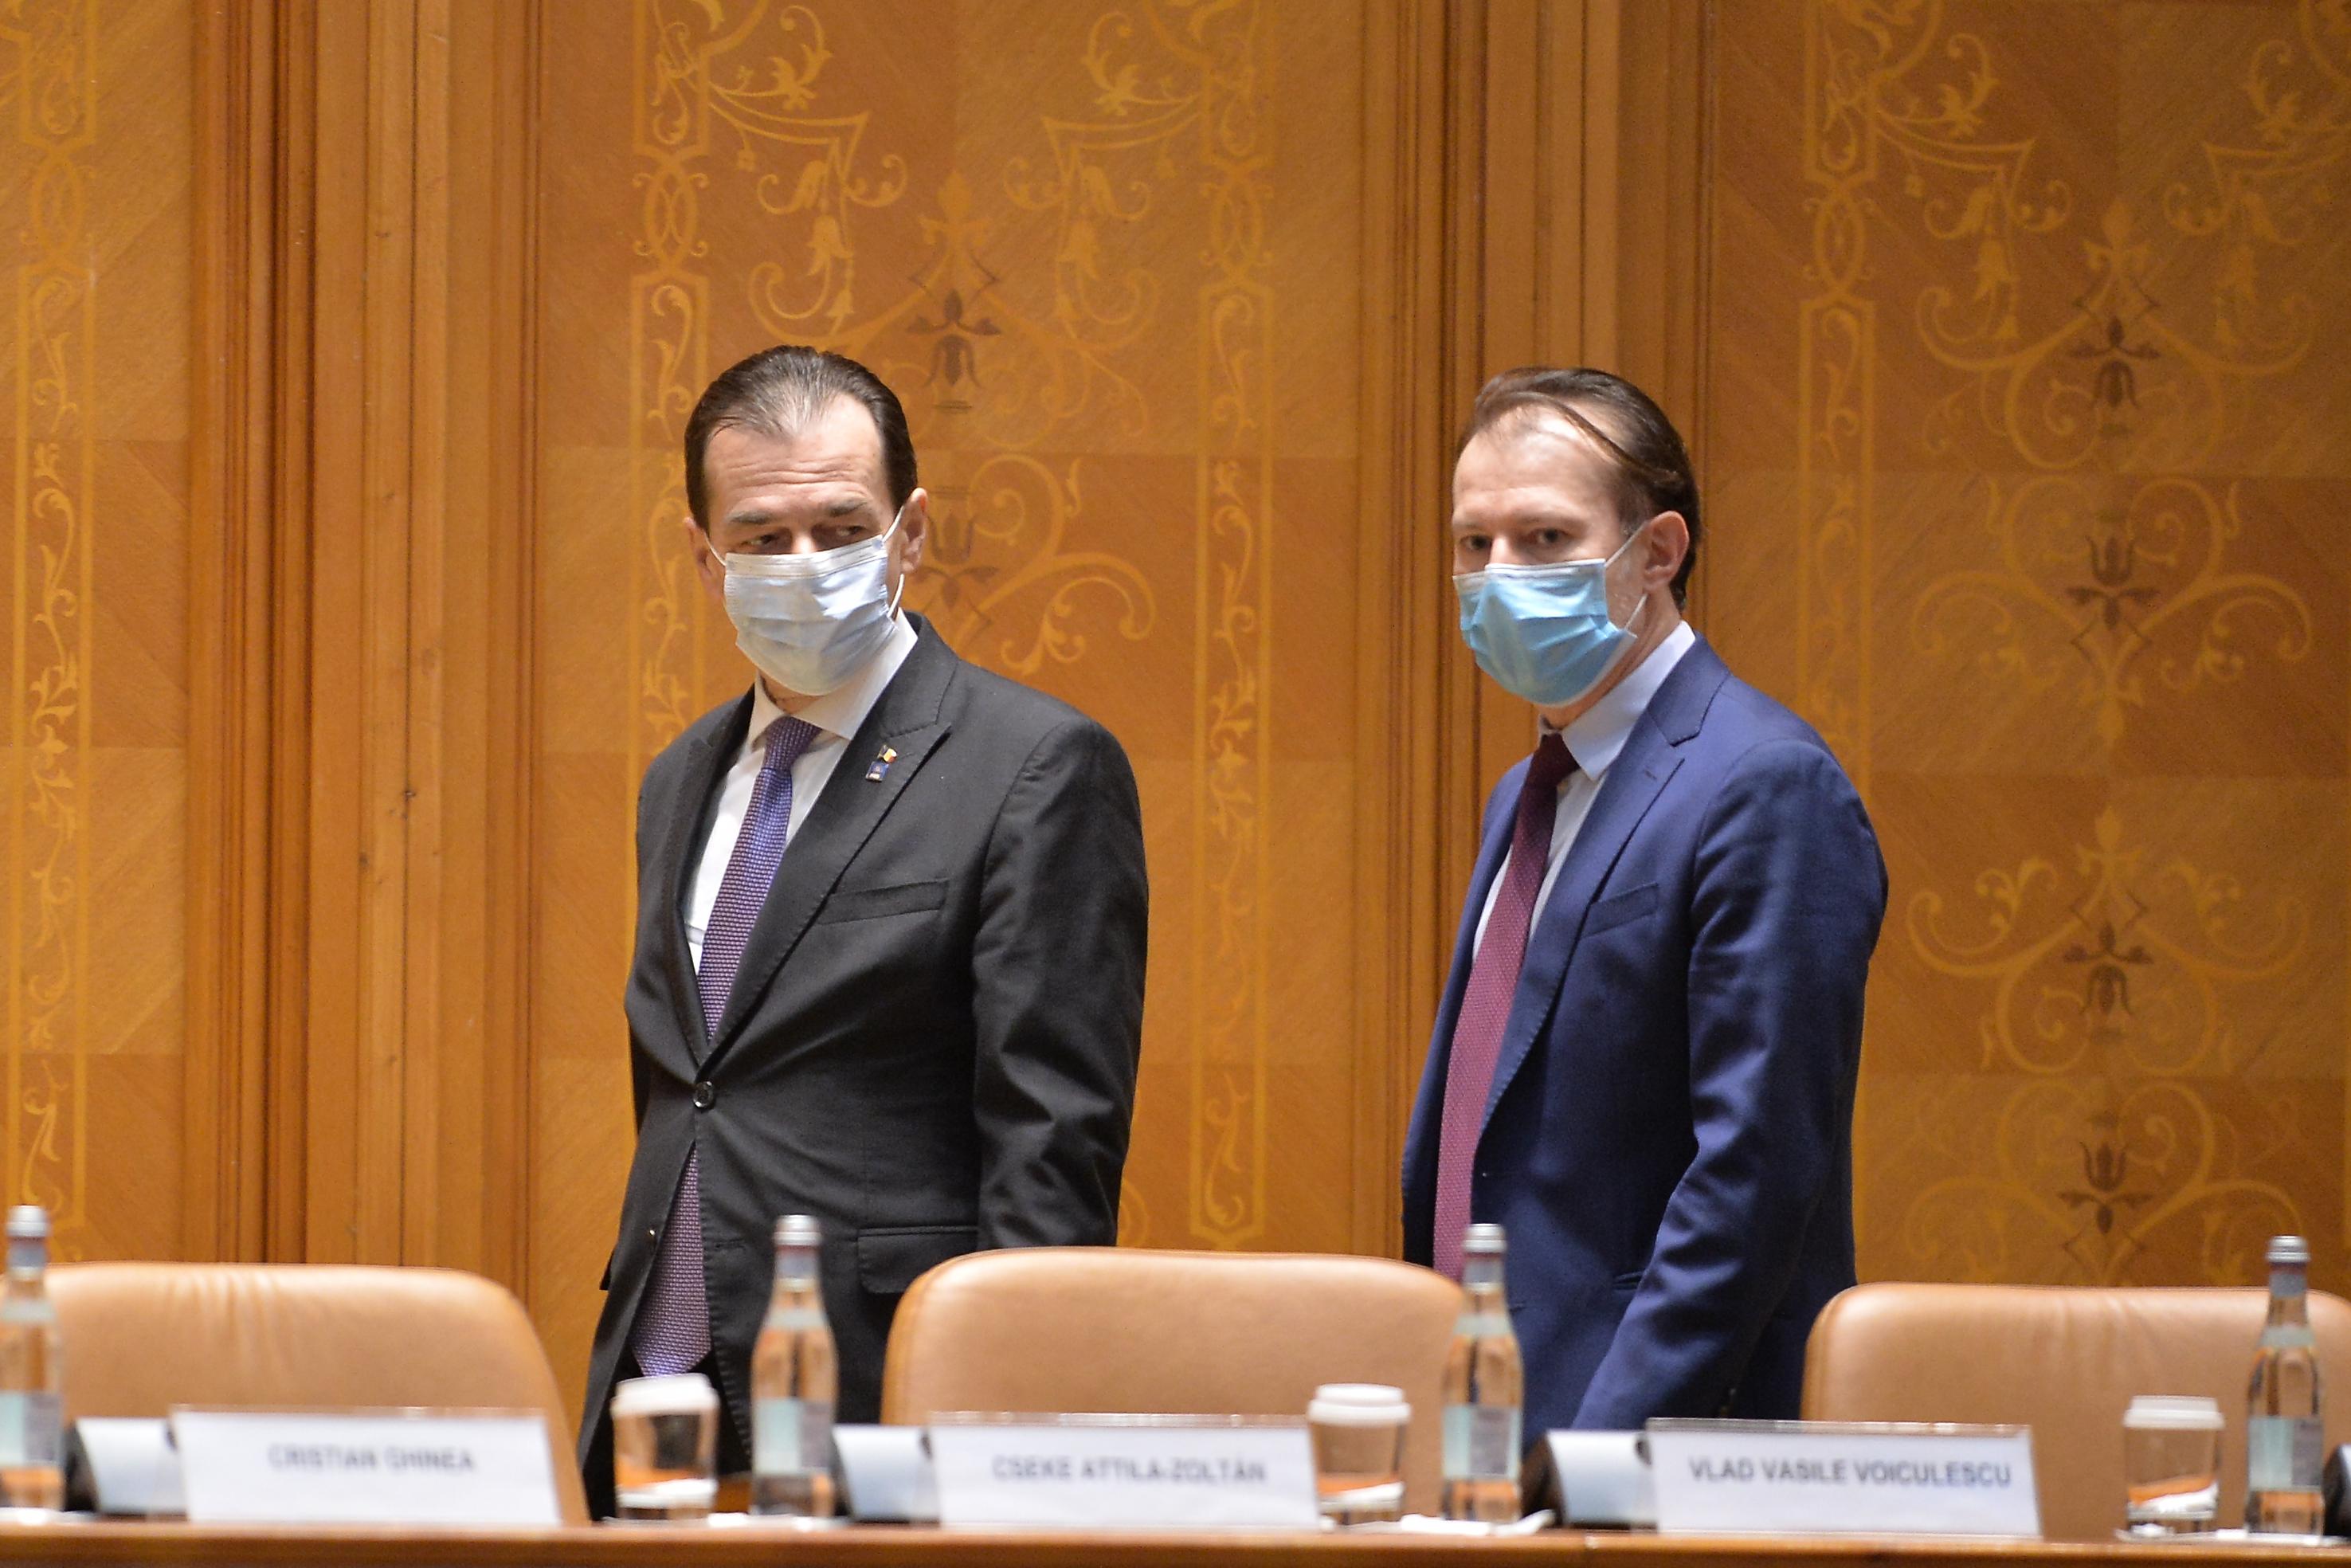 Lupta pentru şefia PNL. Orban, întrebat dacă îl mai ascultă Cîţu: Normal, suntem colegi